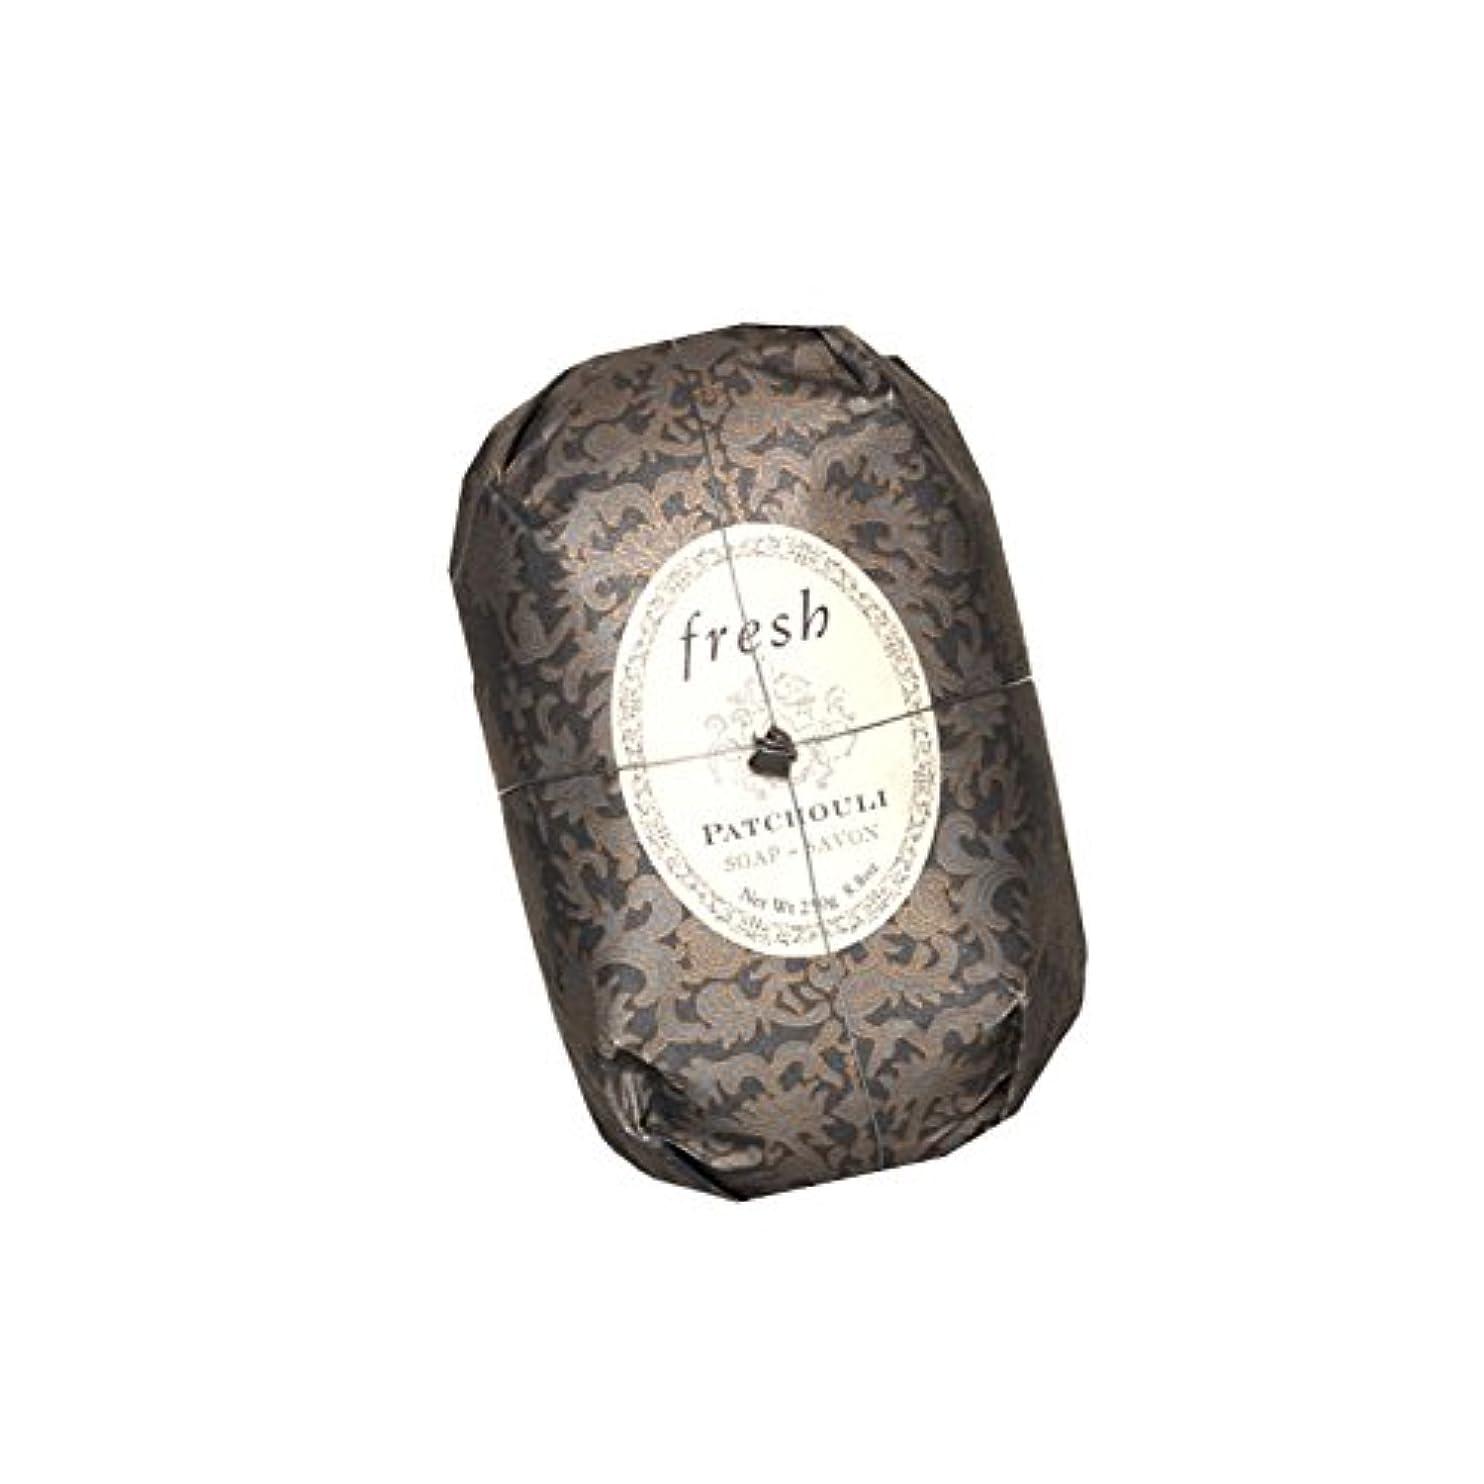 青乳剤スリップシューズFresh フレッシュ Patchouli Soap 石鹸, 250g/8.8oz. [海外直送品] [並行輸入品]